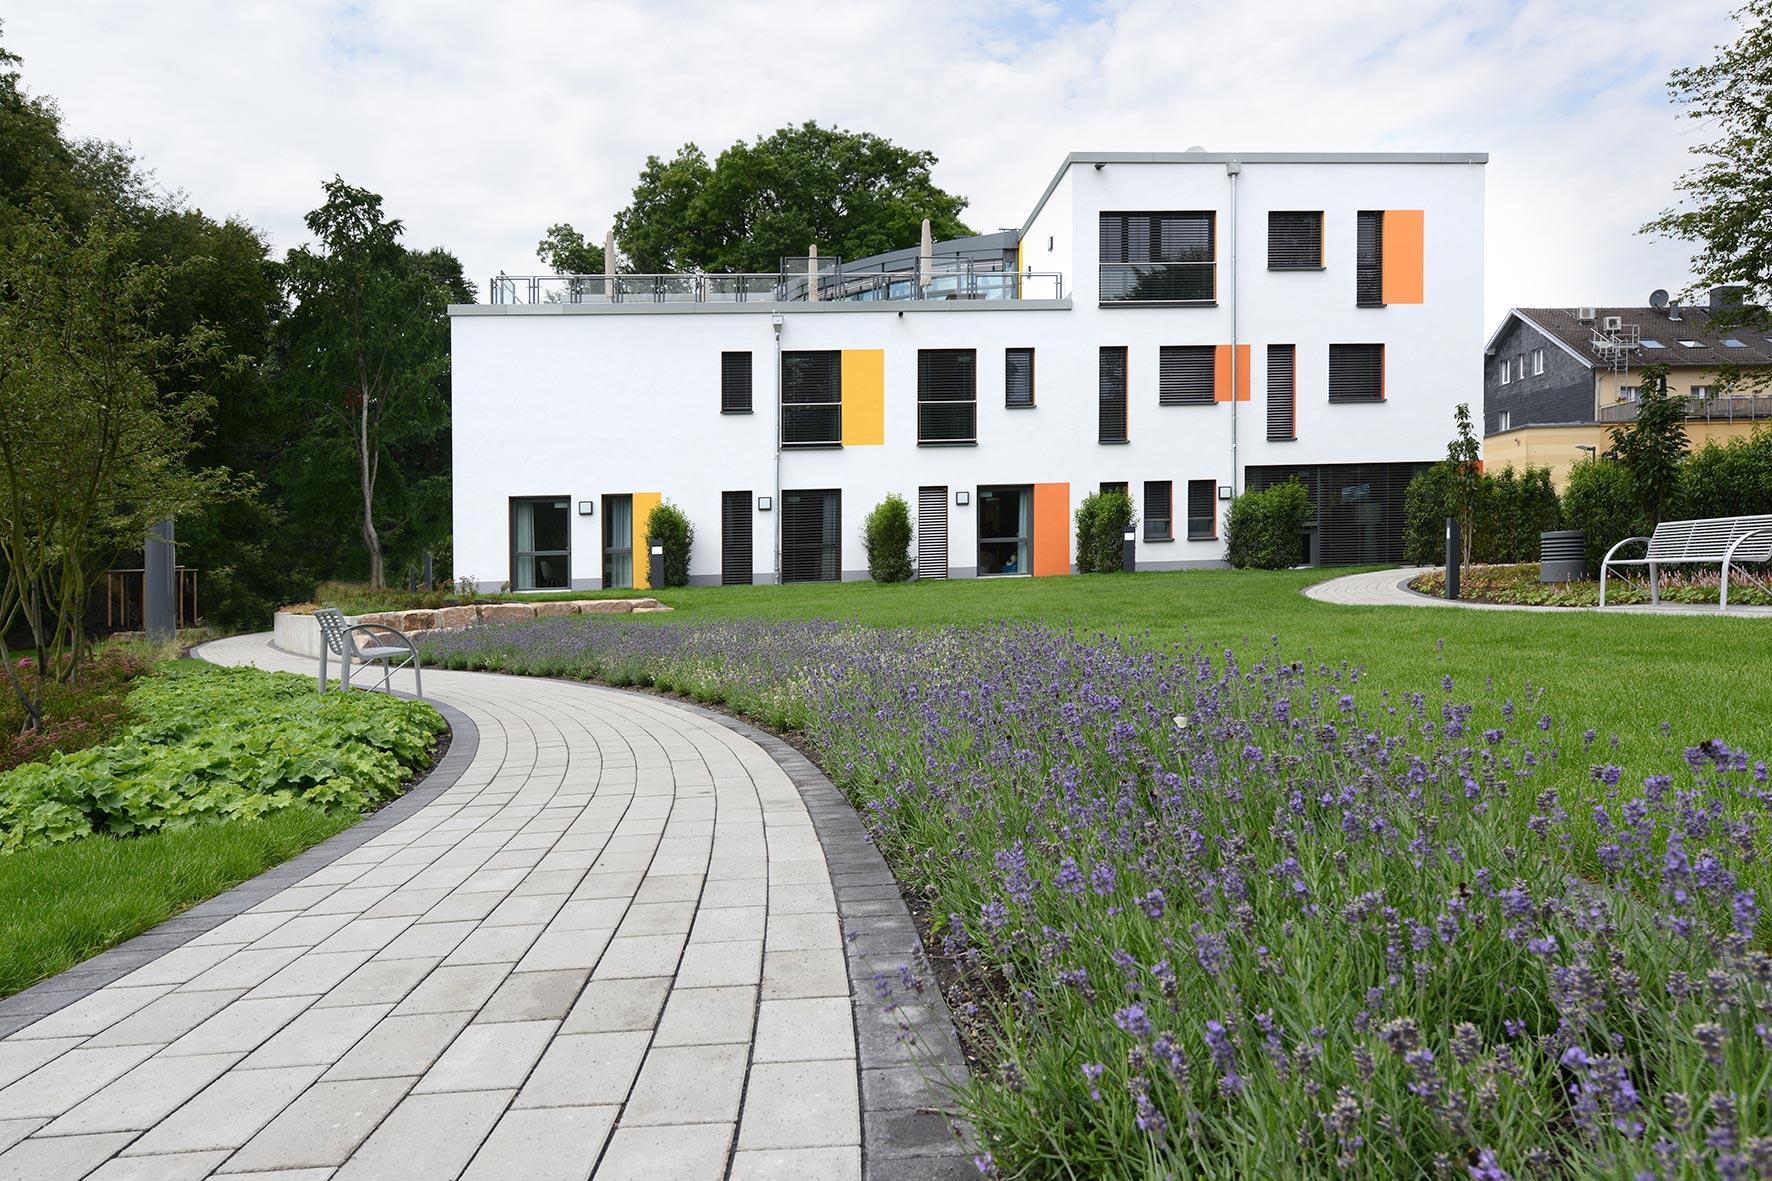 jugendhospiz regenbogenland in d sseldorf kerstin gierse. Black Bedroom Furniture Sets. Home Design Ideas